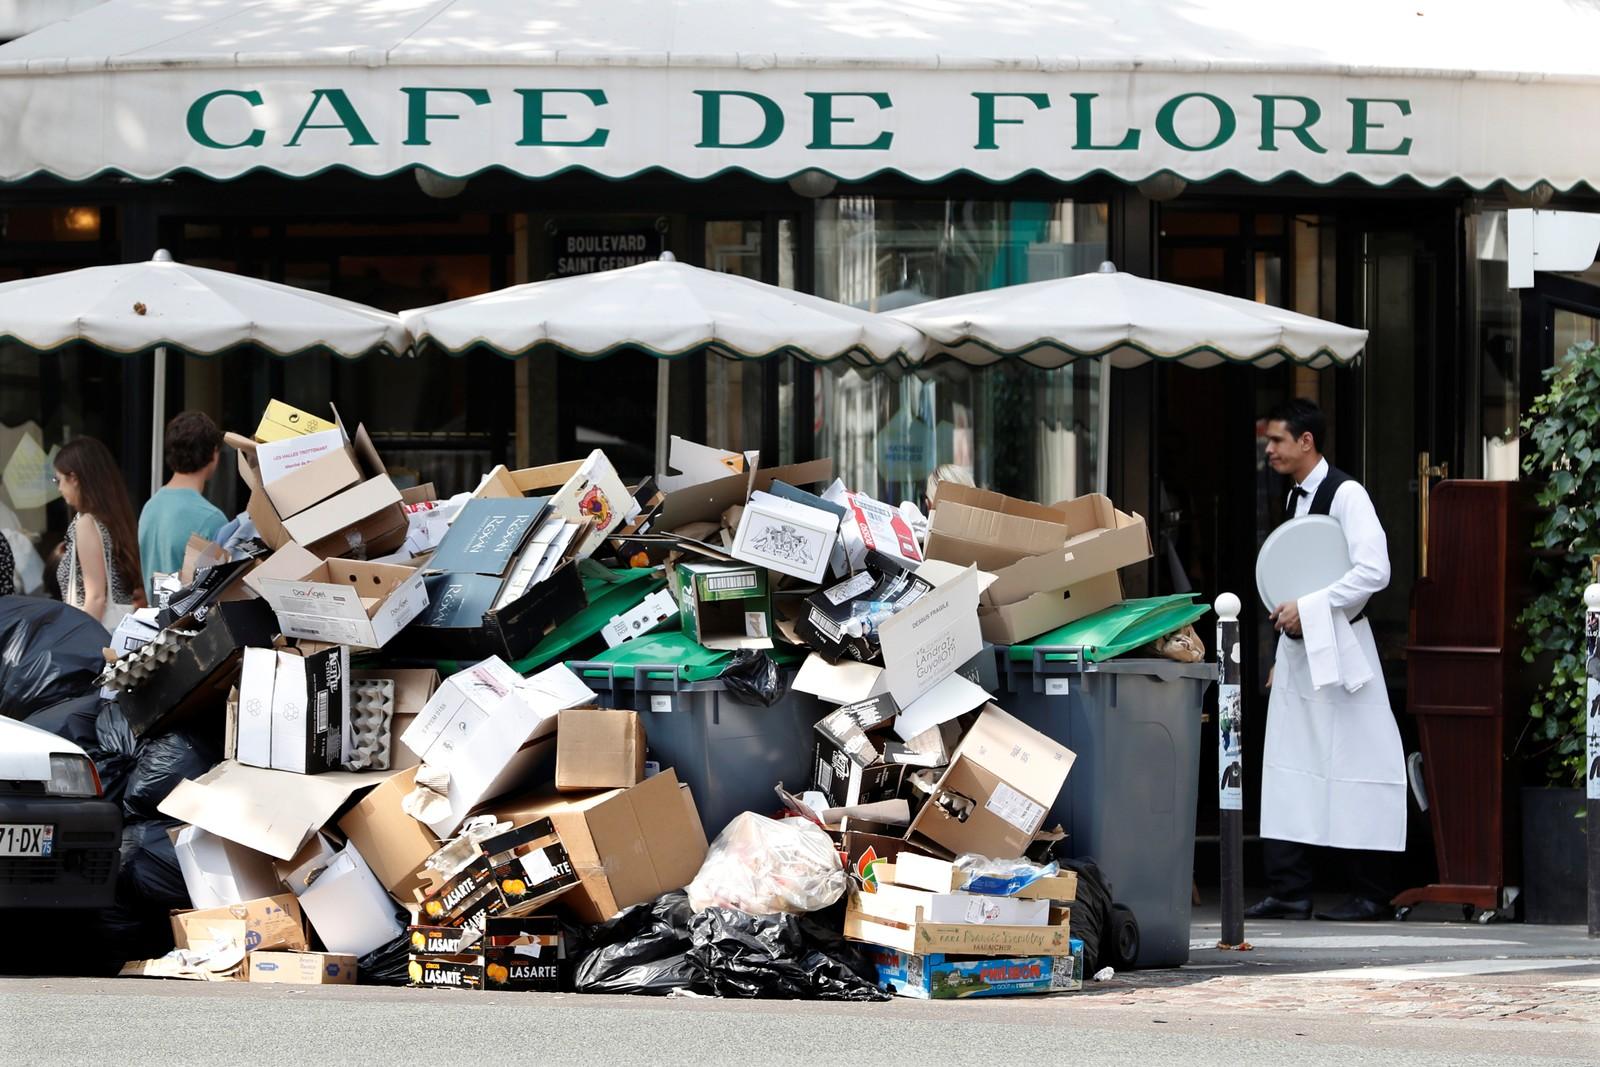 Streik blant renovasjonsarbeiderne i Paris fører til at fortauene er fylt til randen siden søppelet ikke blir hentet. Også legendariske og fasjonable Café de Flore er rammet. Arbeiderne protesterer mot den nye arbeidsloven som myndighetene ønsker å innføre.